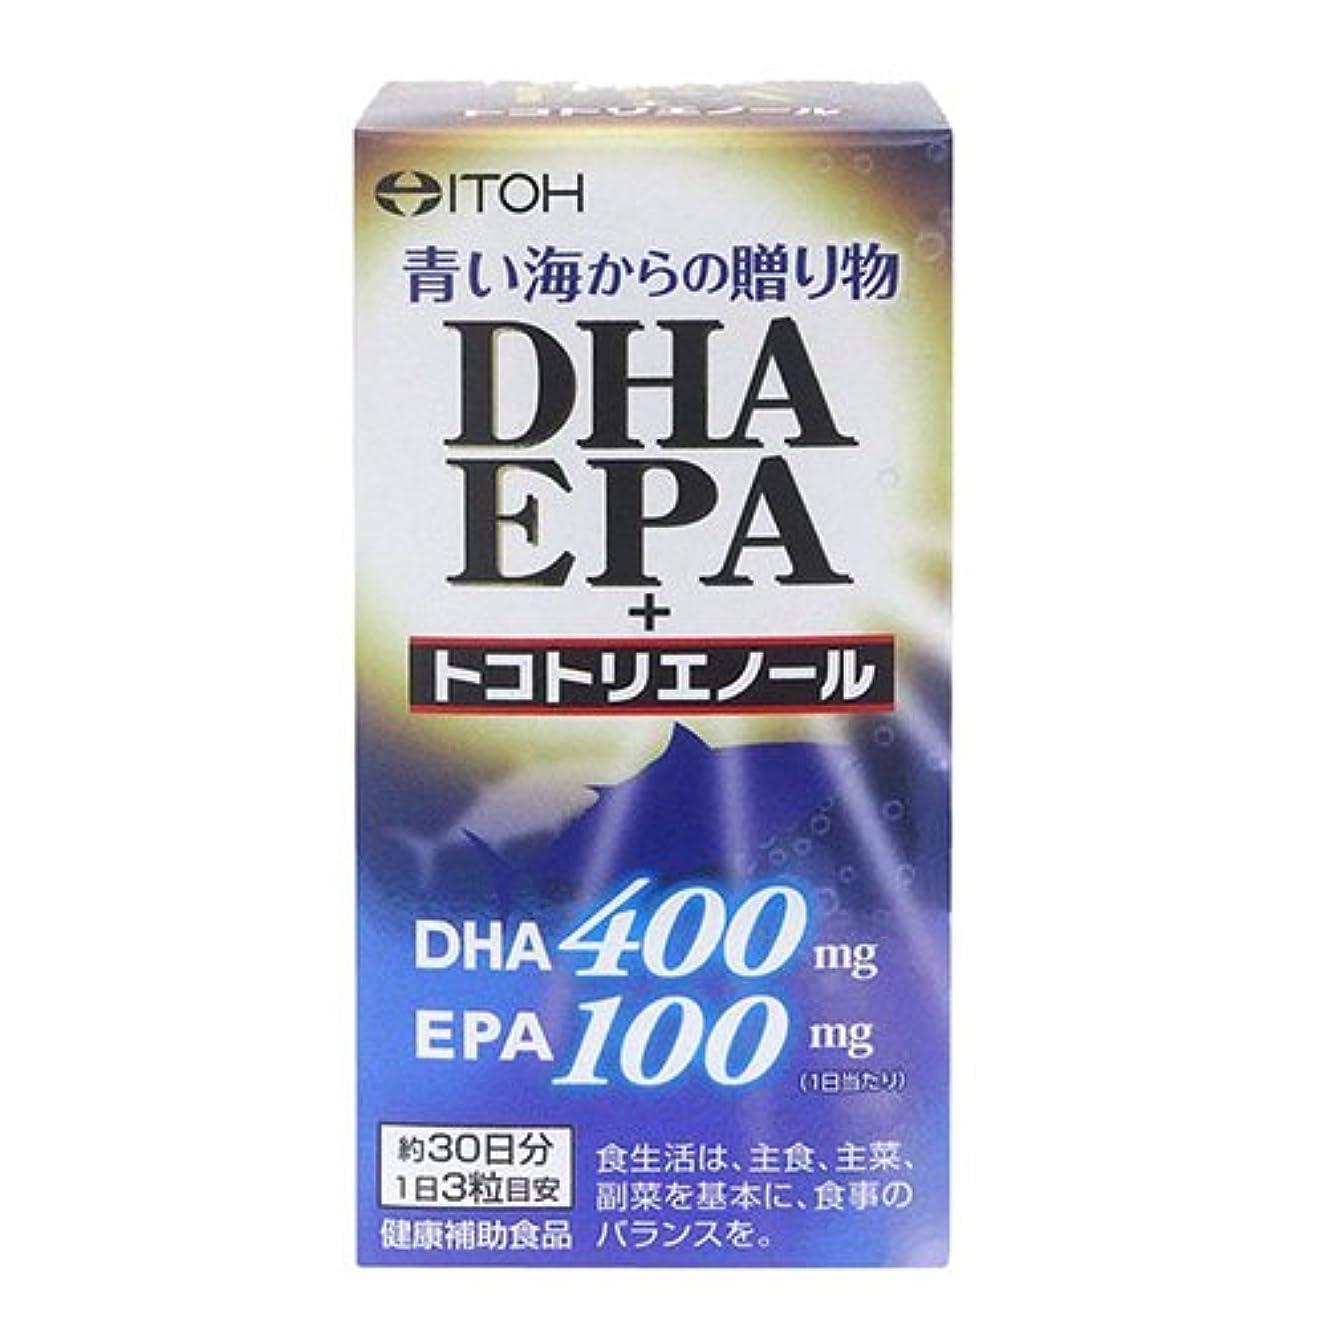 許容嵐が丘どのくらいの頻度で井藤漢方製薬 DHA EPA+トコトリエノール 約30日分 90粒